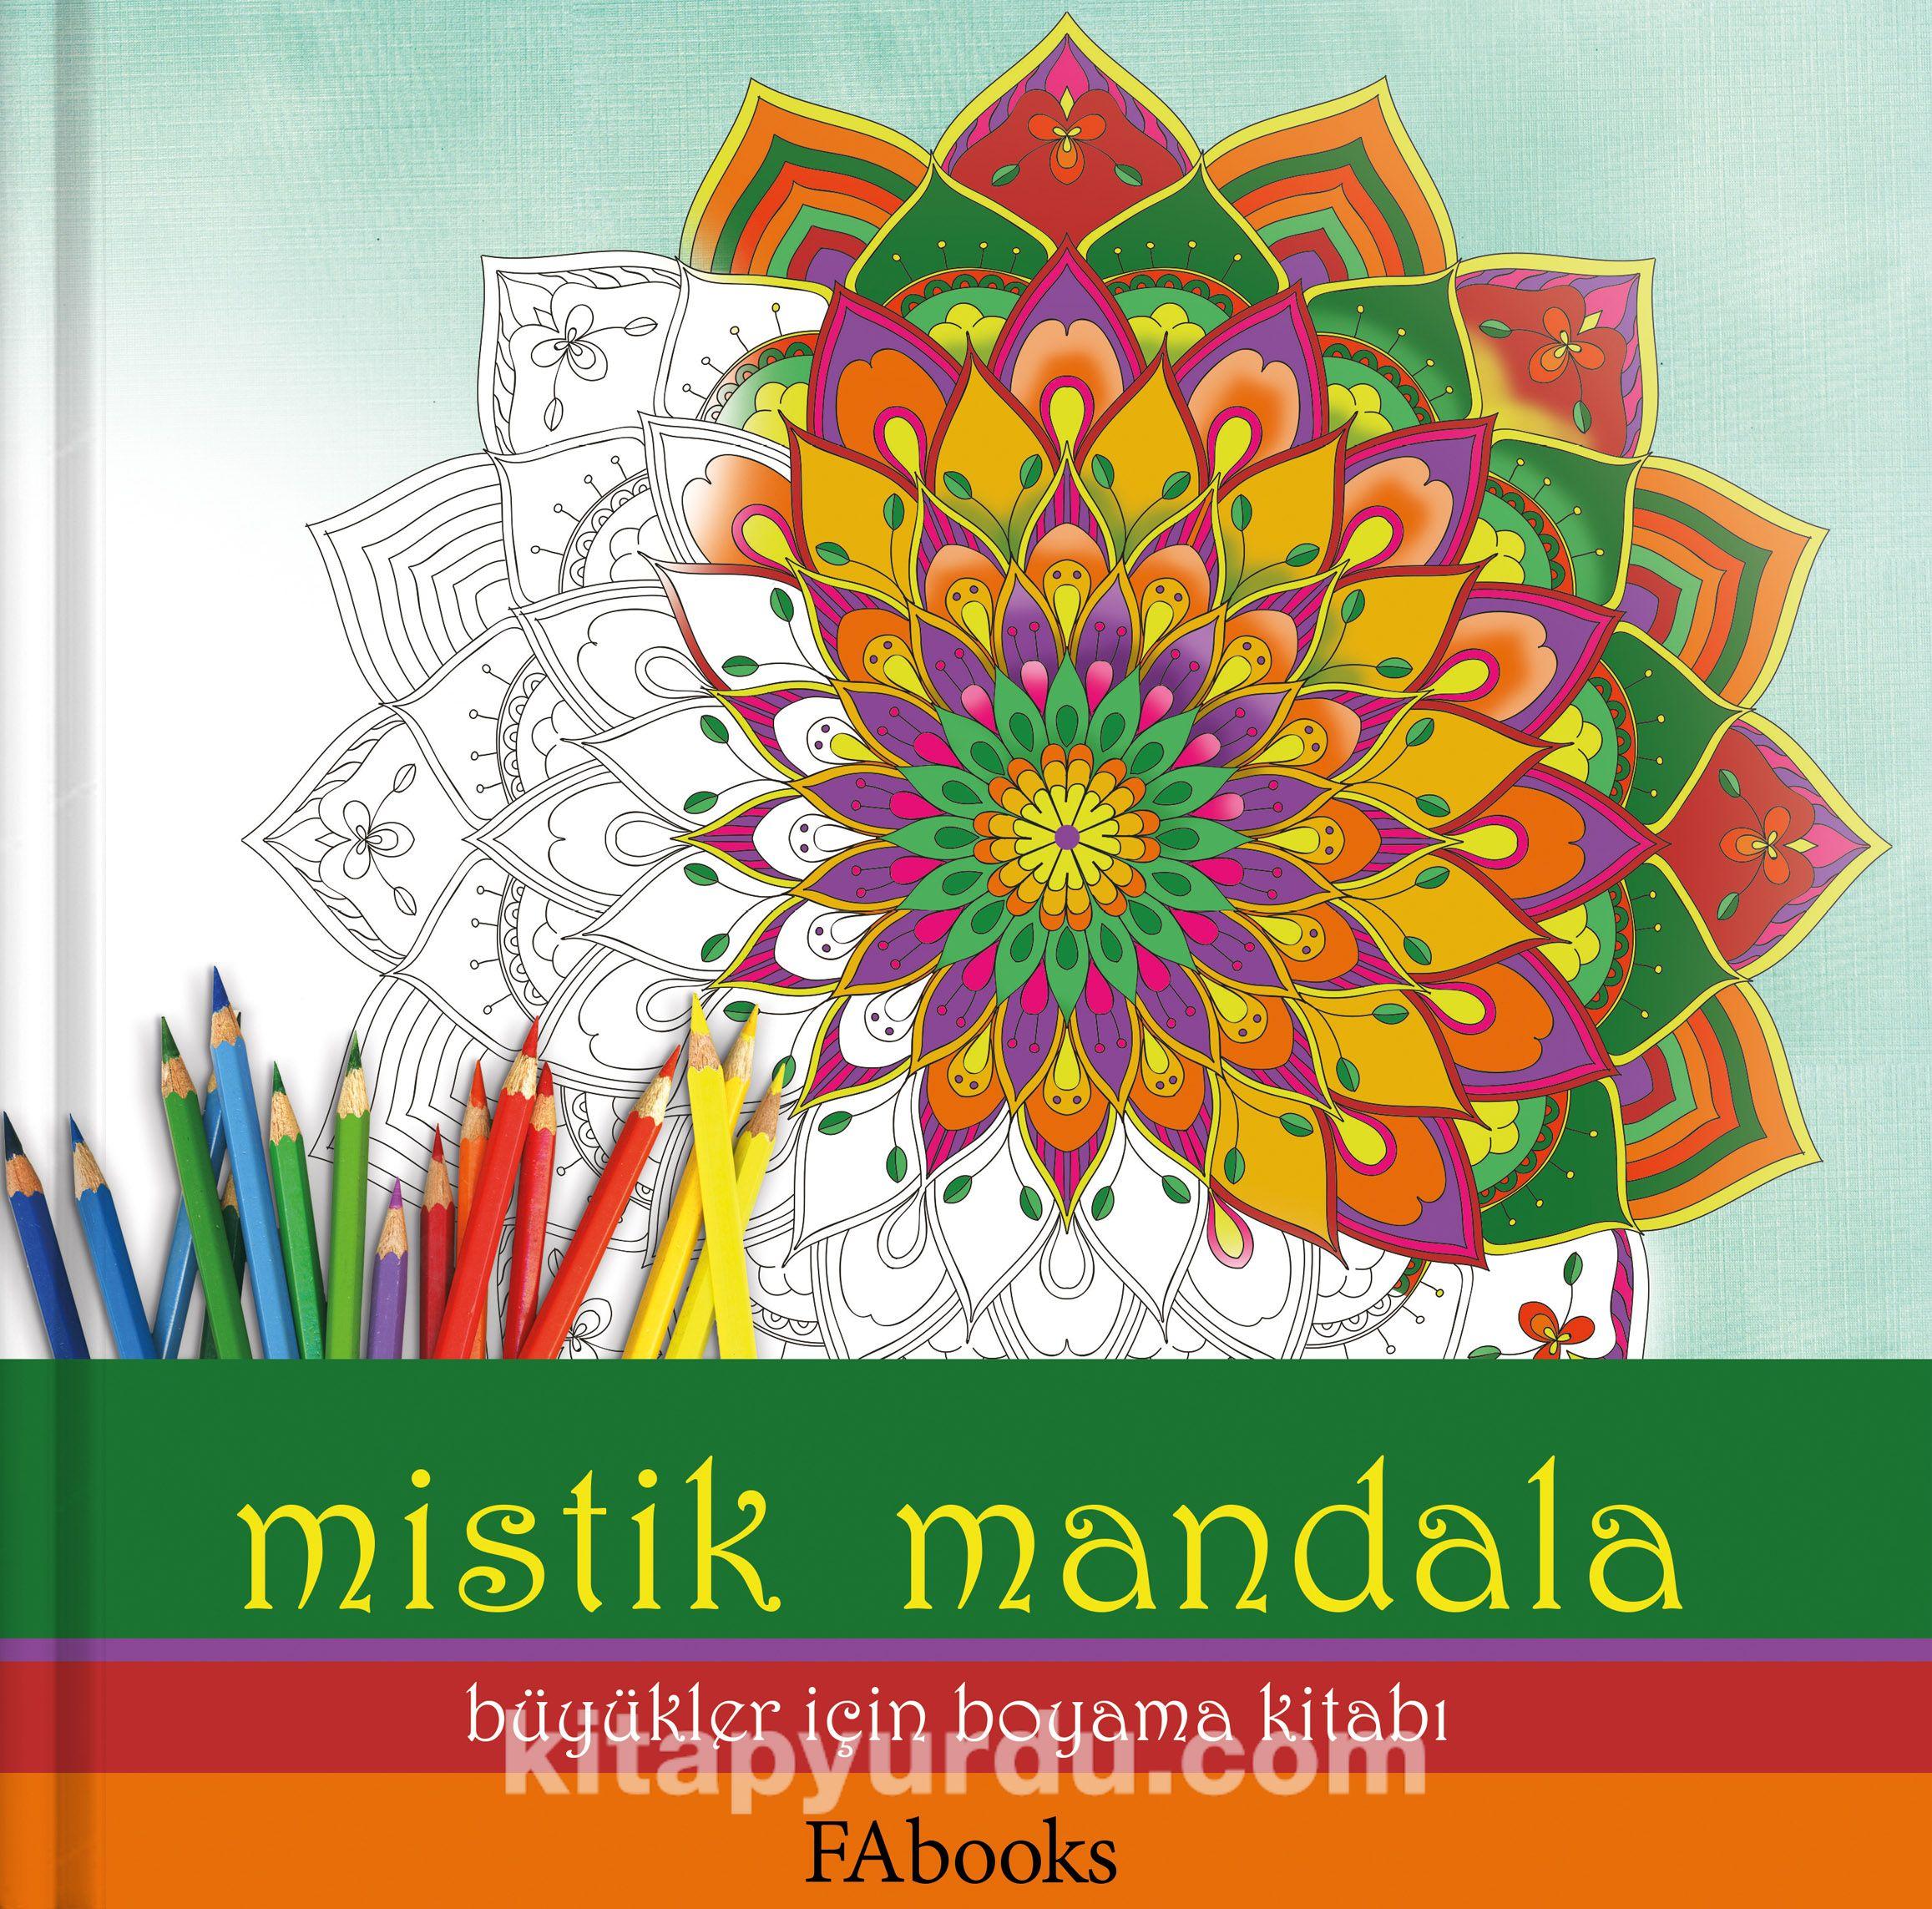 Mistik Mandala Buyukler Icin Boyama Kitabi Fatos Ayvaz